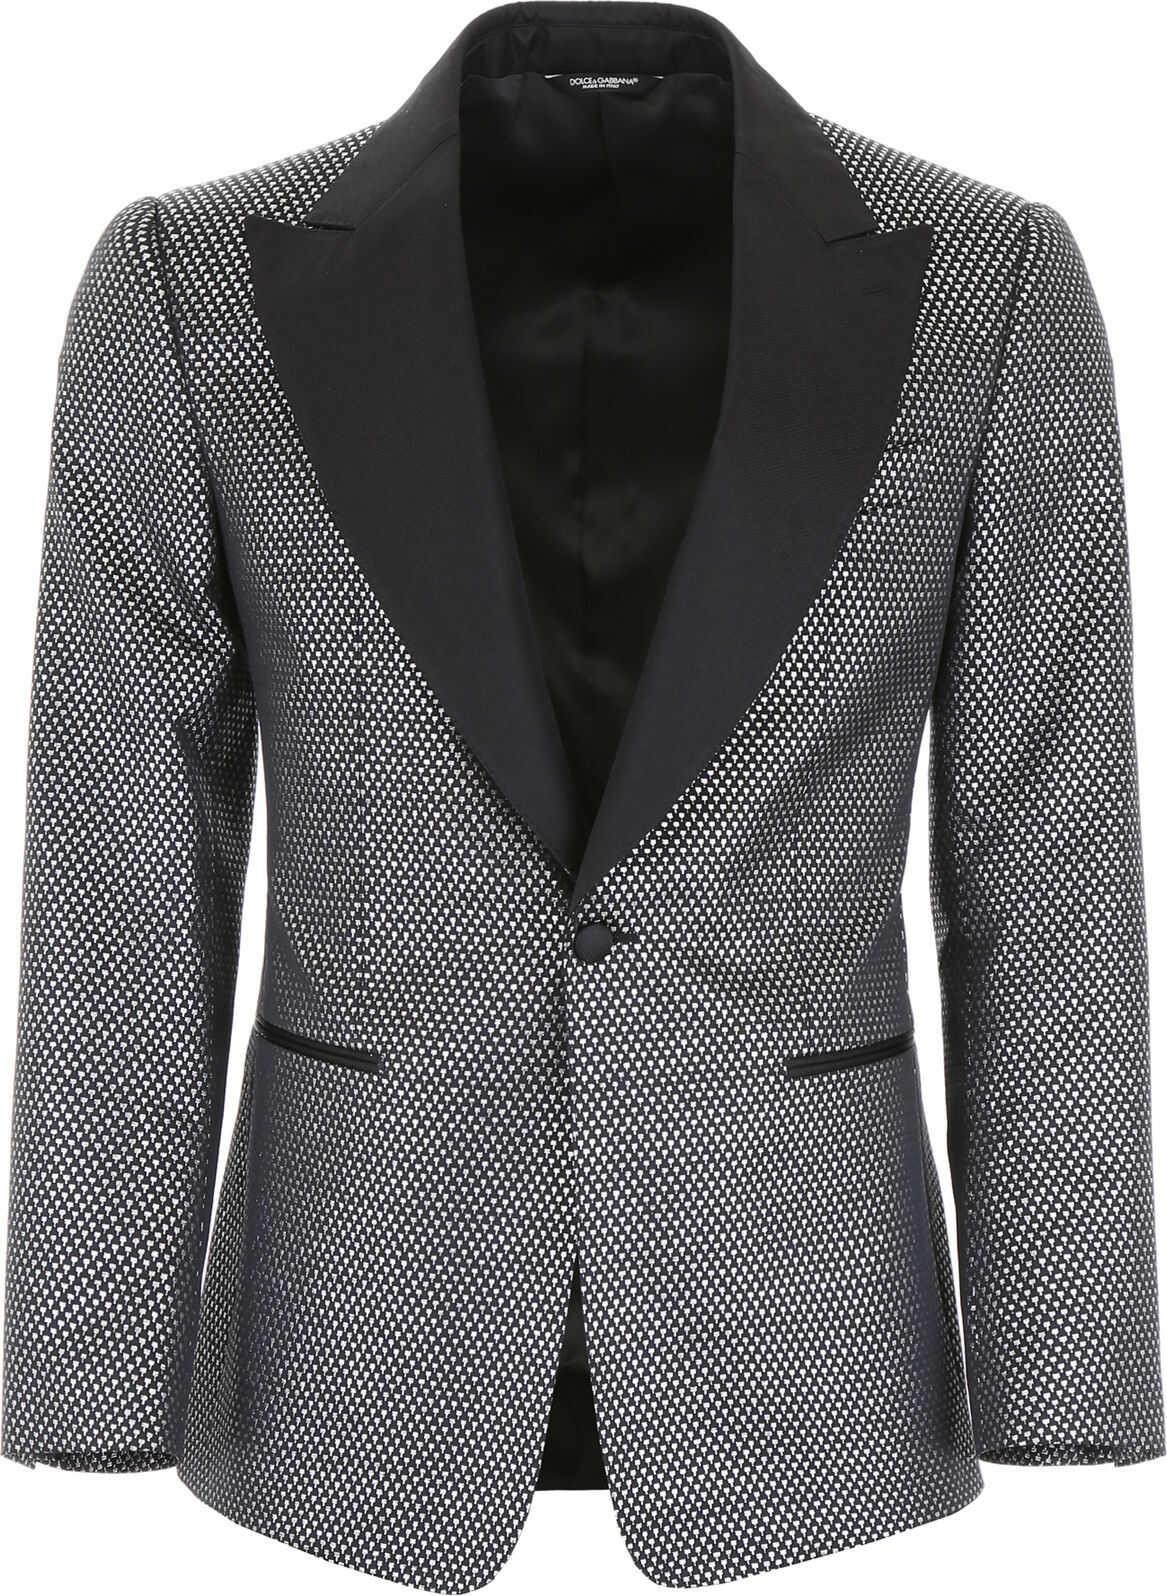 Jacquard Tuxedo Jacket thumbnail